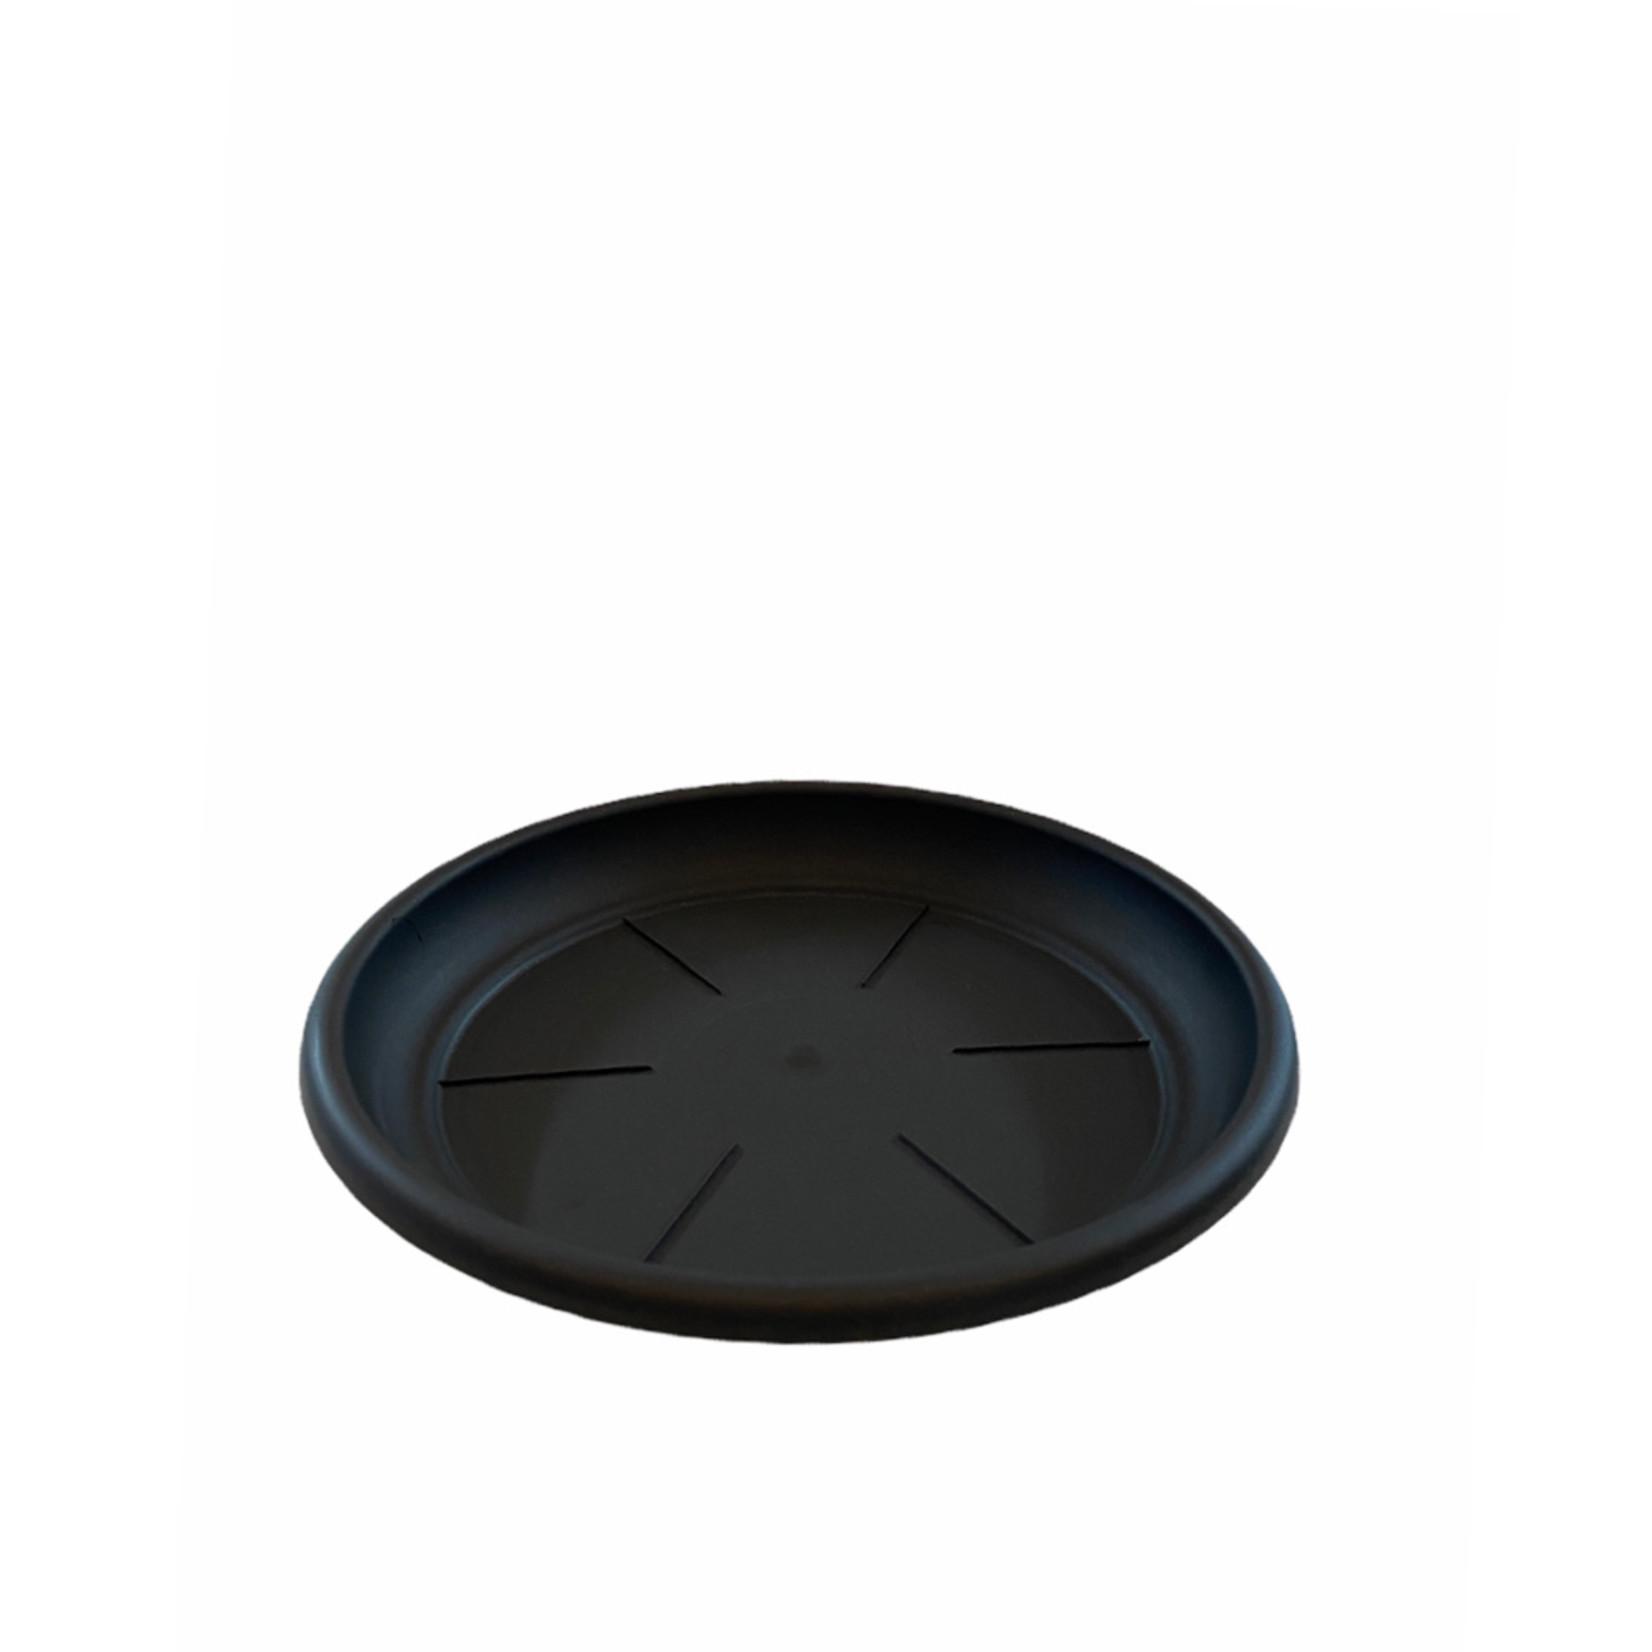 Teraplast Sottovaso, Antracite 30cm